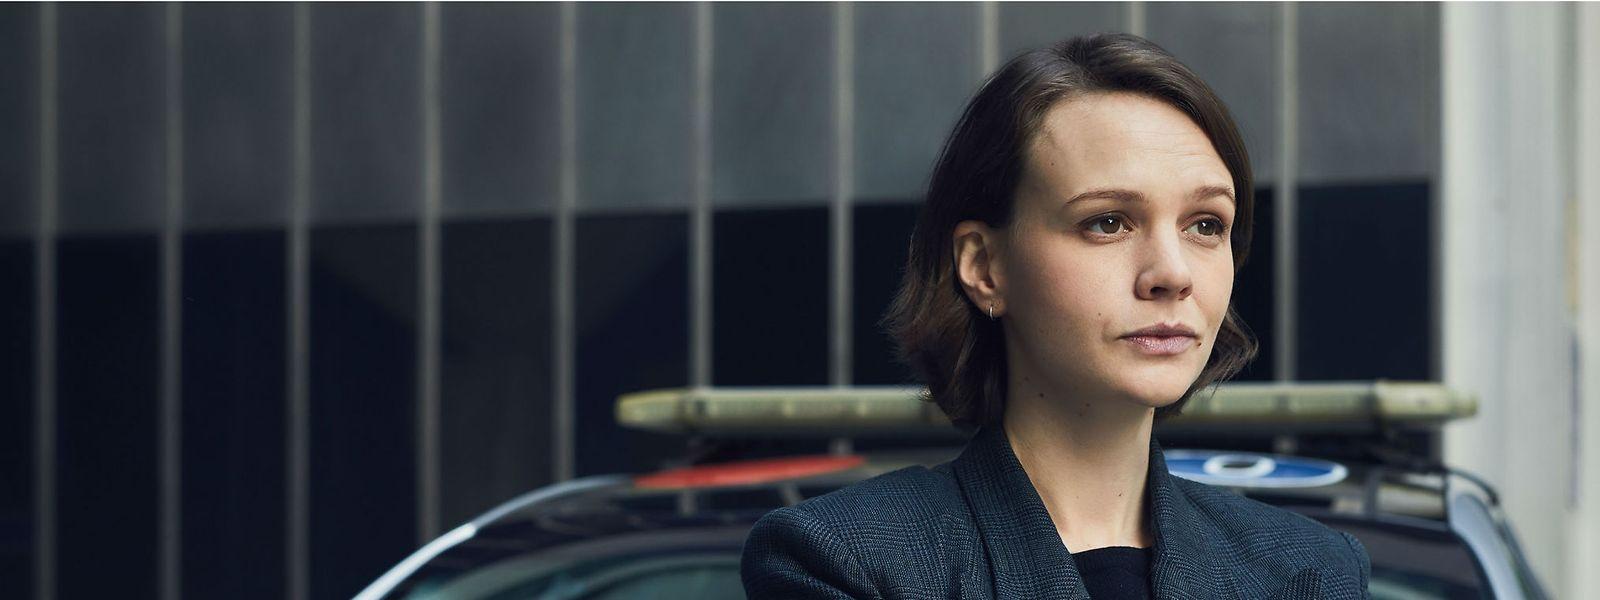 Ein toter Pizzabote ruft die schwangere Kip Glaspie (Carey Mulligan) auf den Plan. Die Ermittlerin weigert sich, an einen willkürlichen Akt sinnloser Gewalt zu glauben.